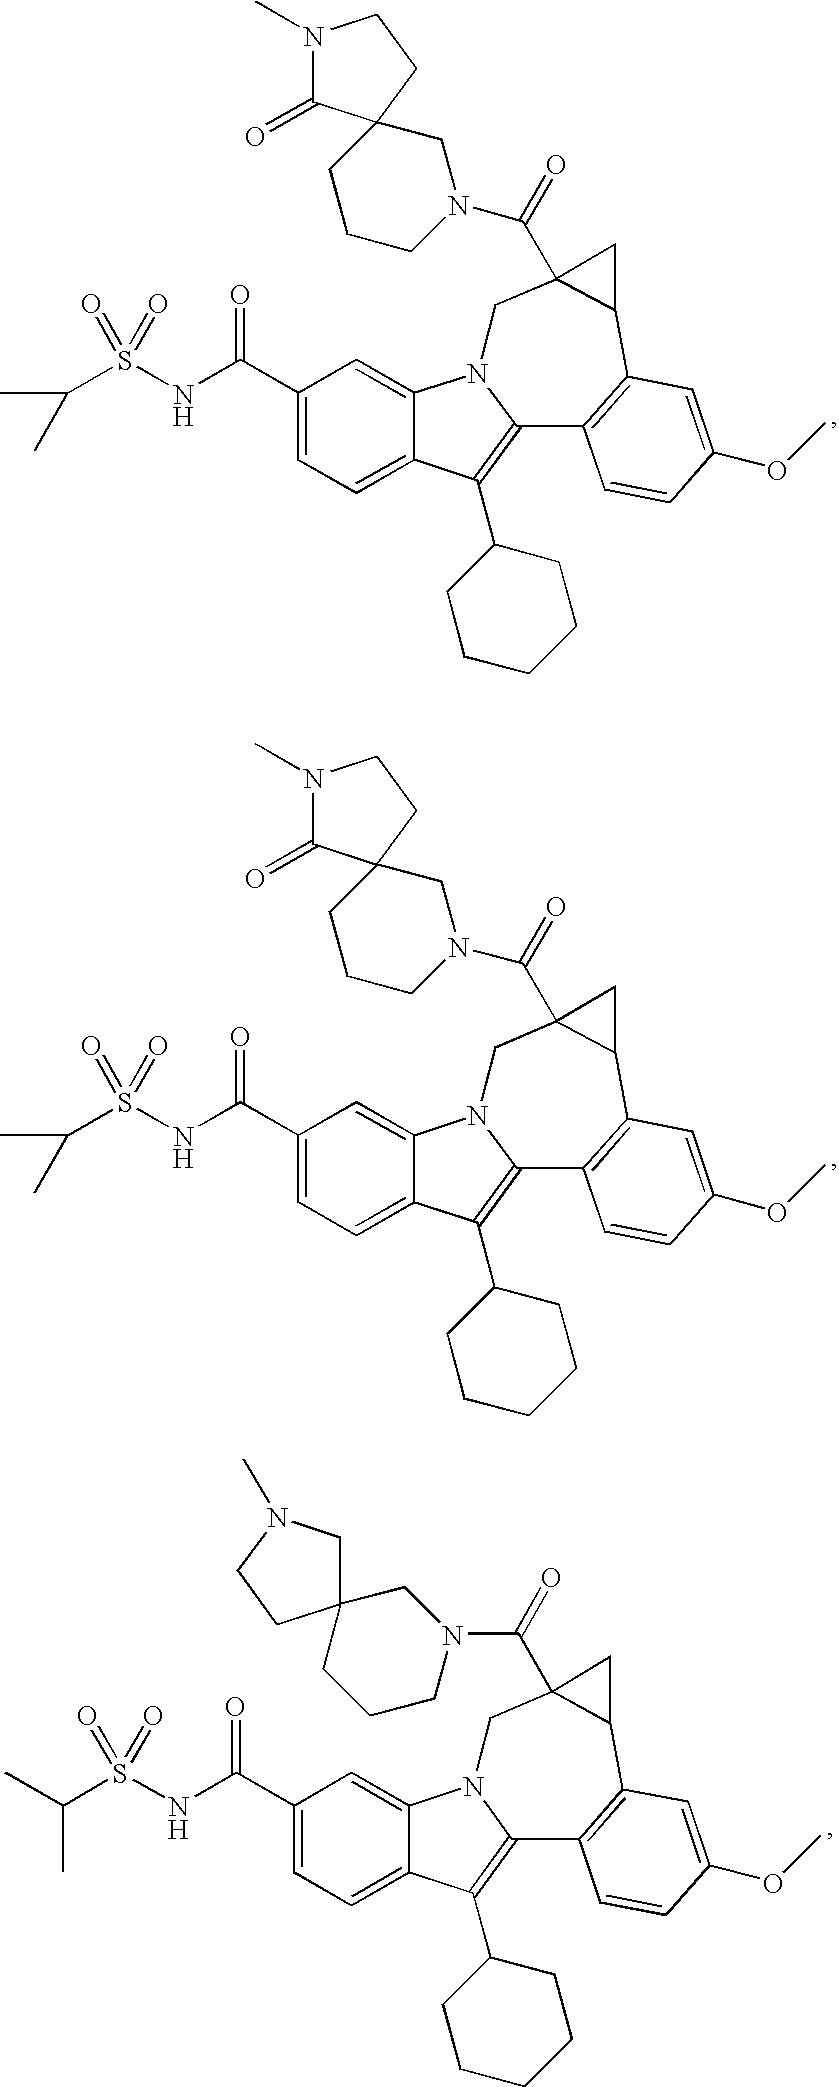 Figure US08124601-20120228-C00136